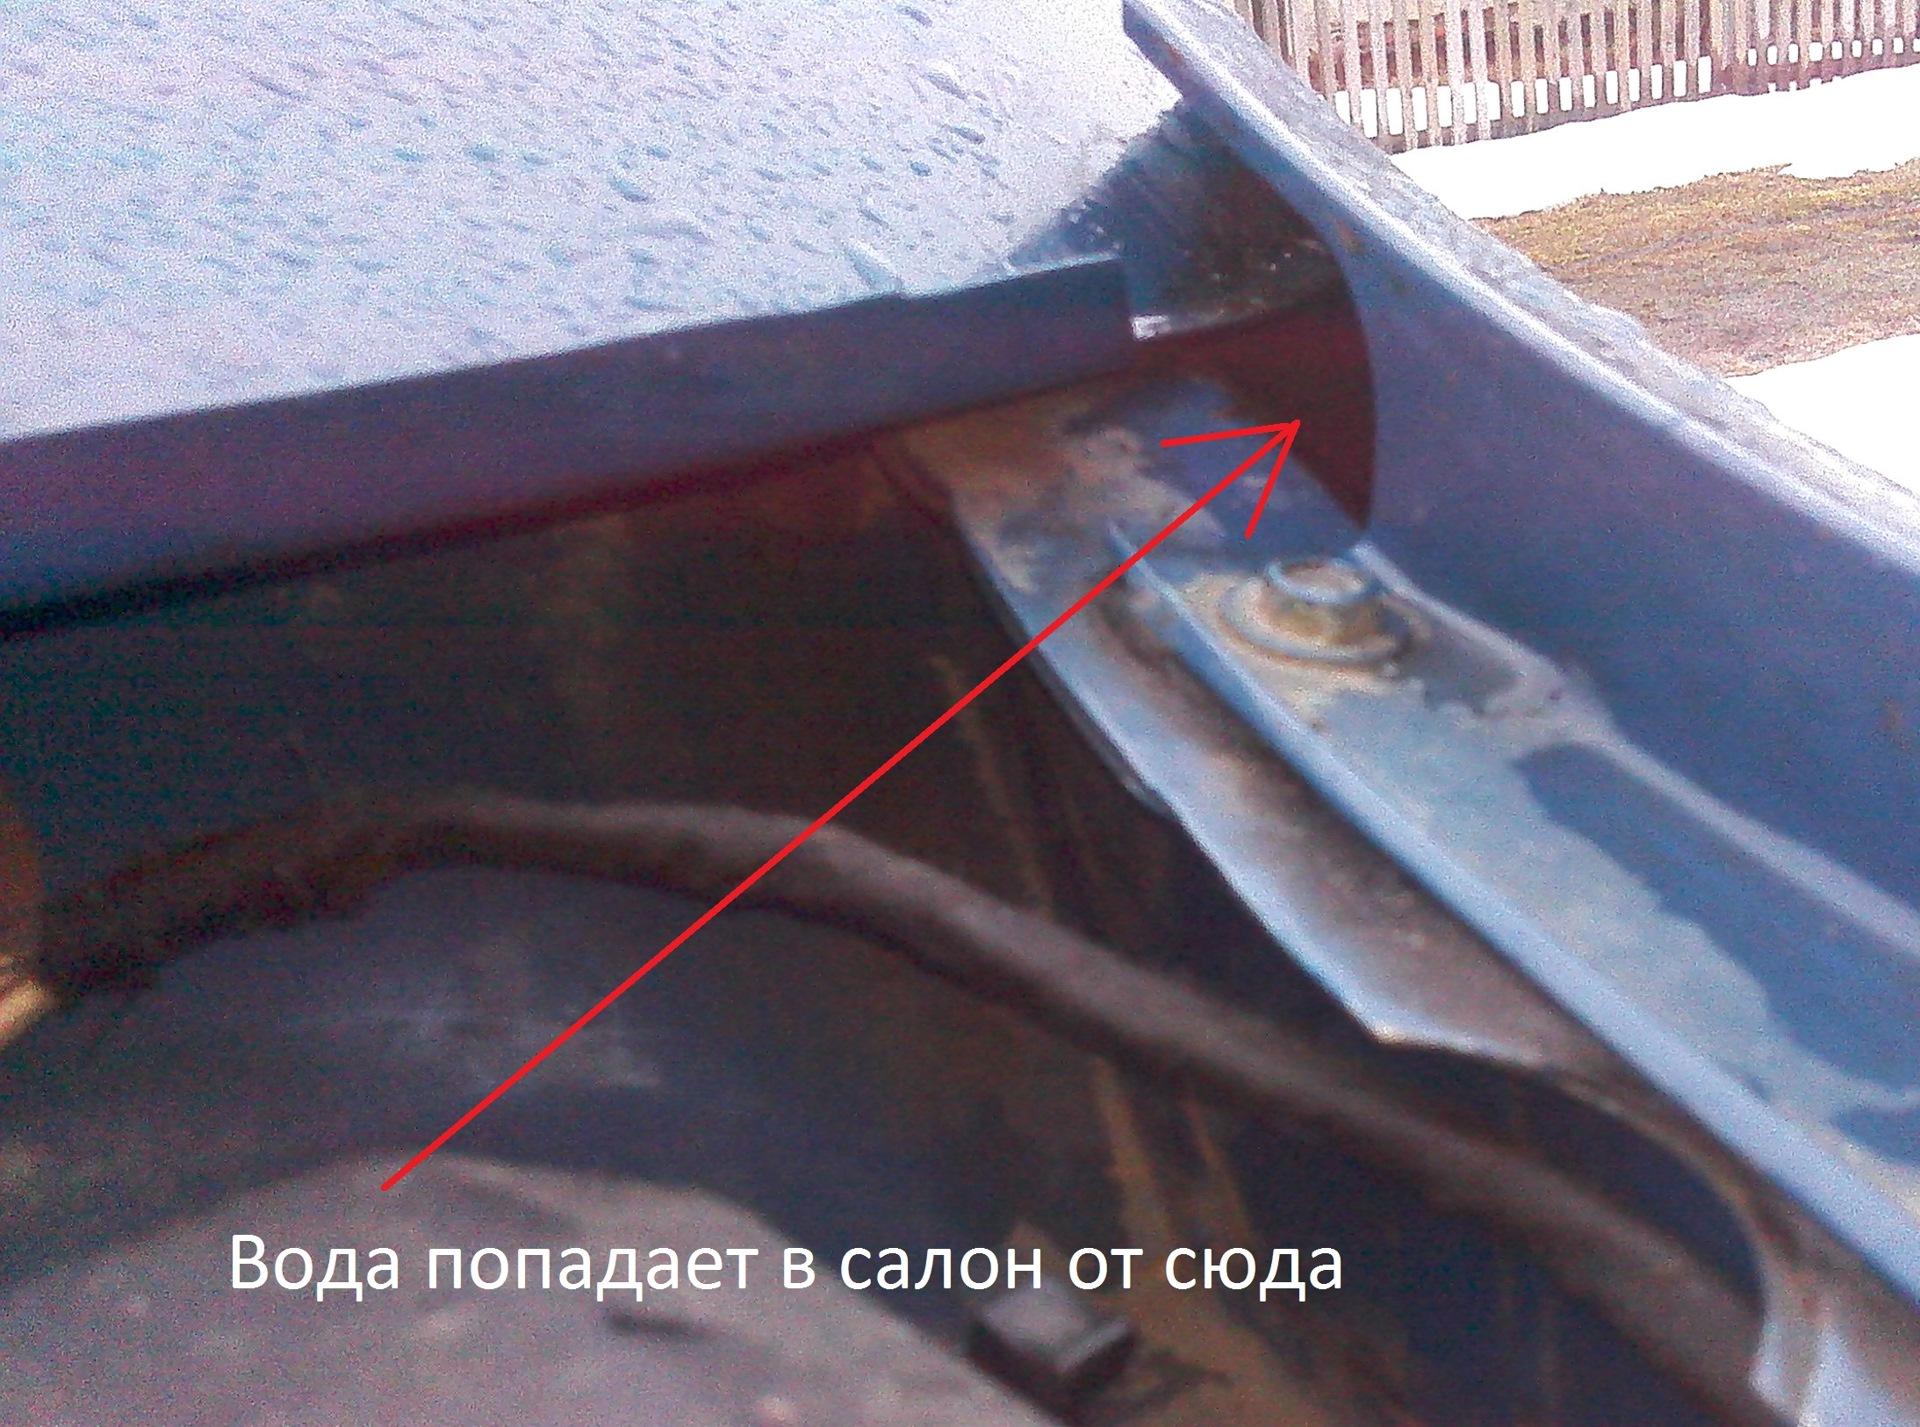 Попадает вода под коврик иж ода